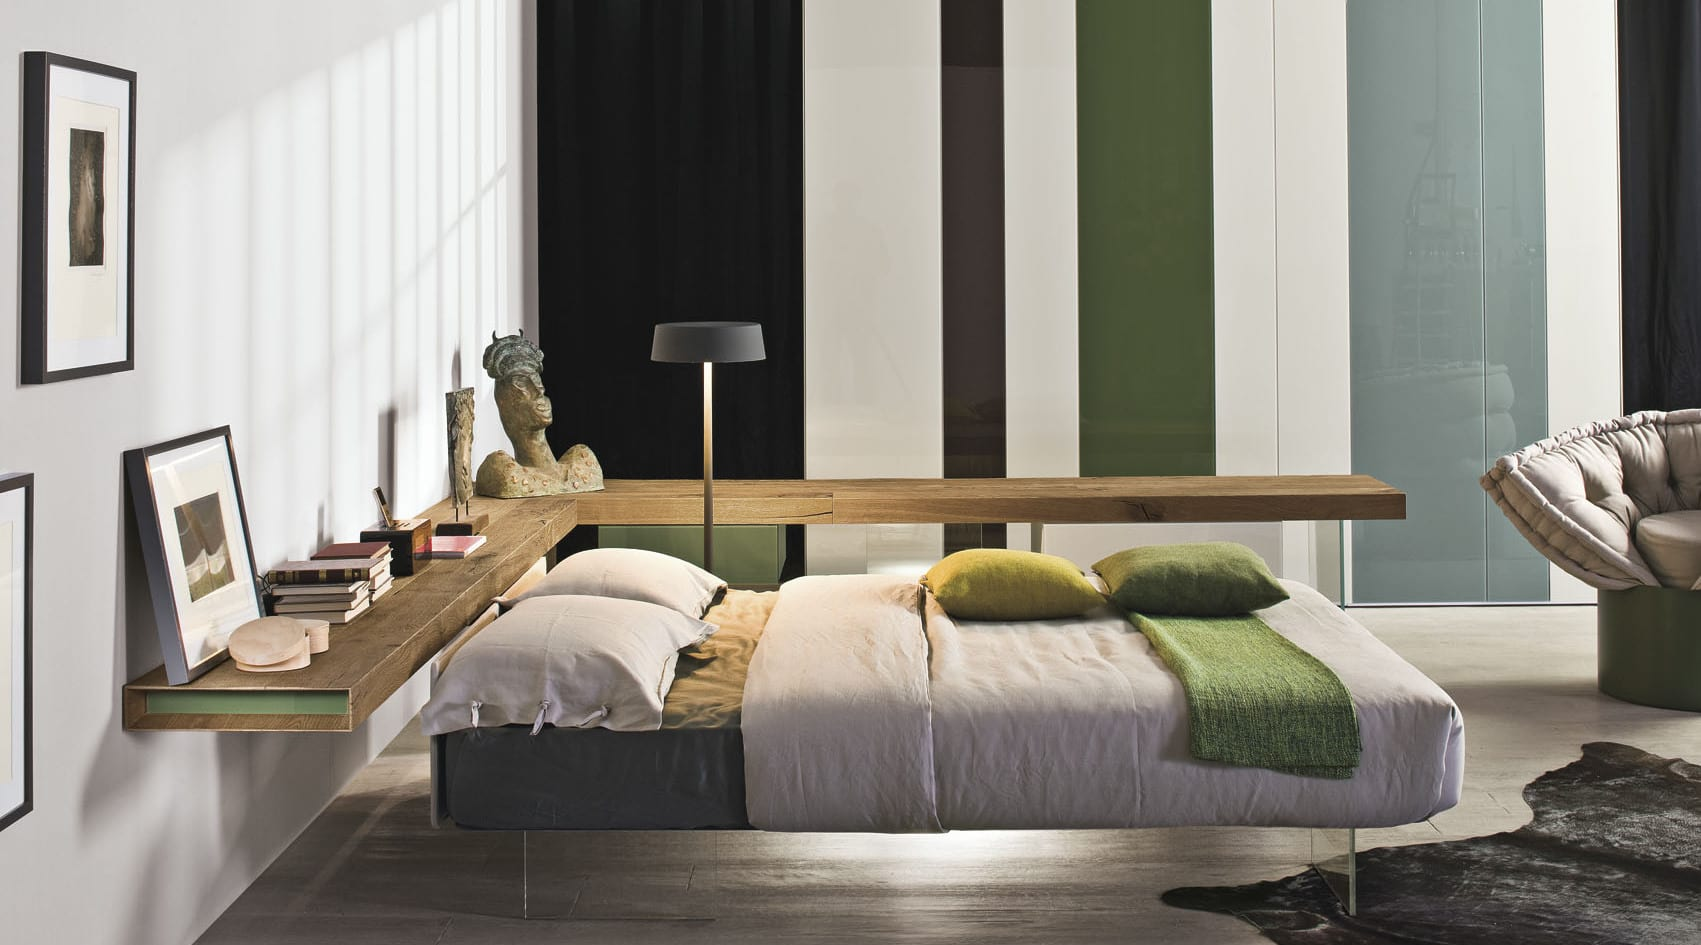 moderne schlafzimmer inspiration für schlafzimmergestaltung mit holzregal und kleiderschrank mit streifen muster in schwarz, weiß und grün